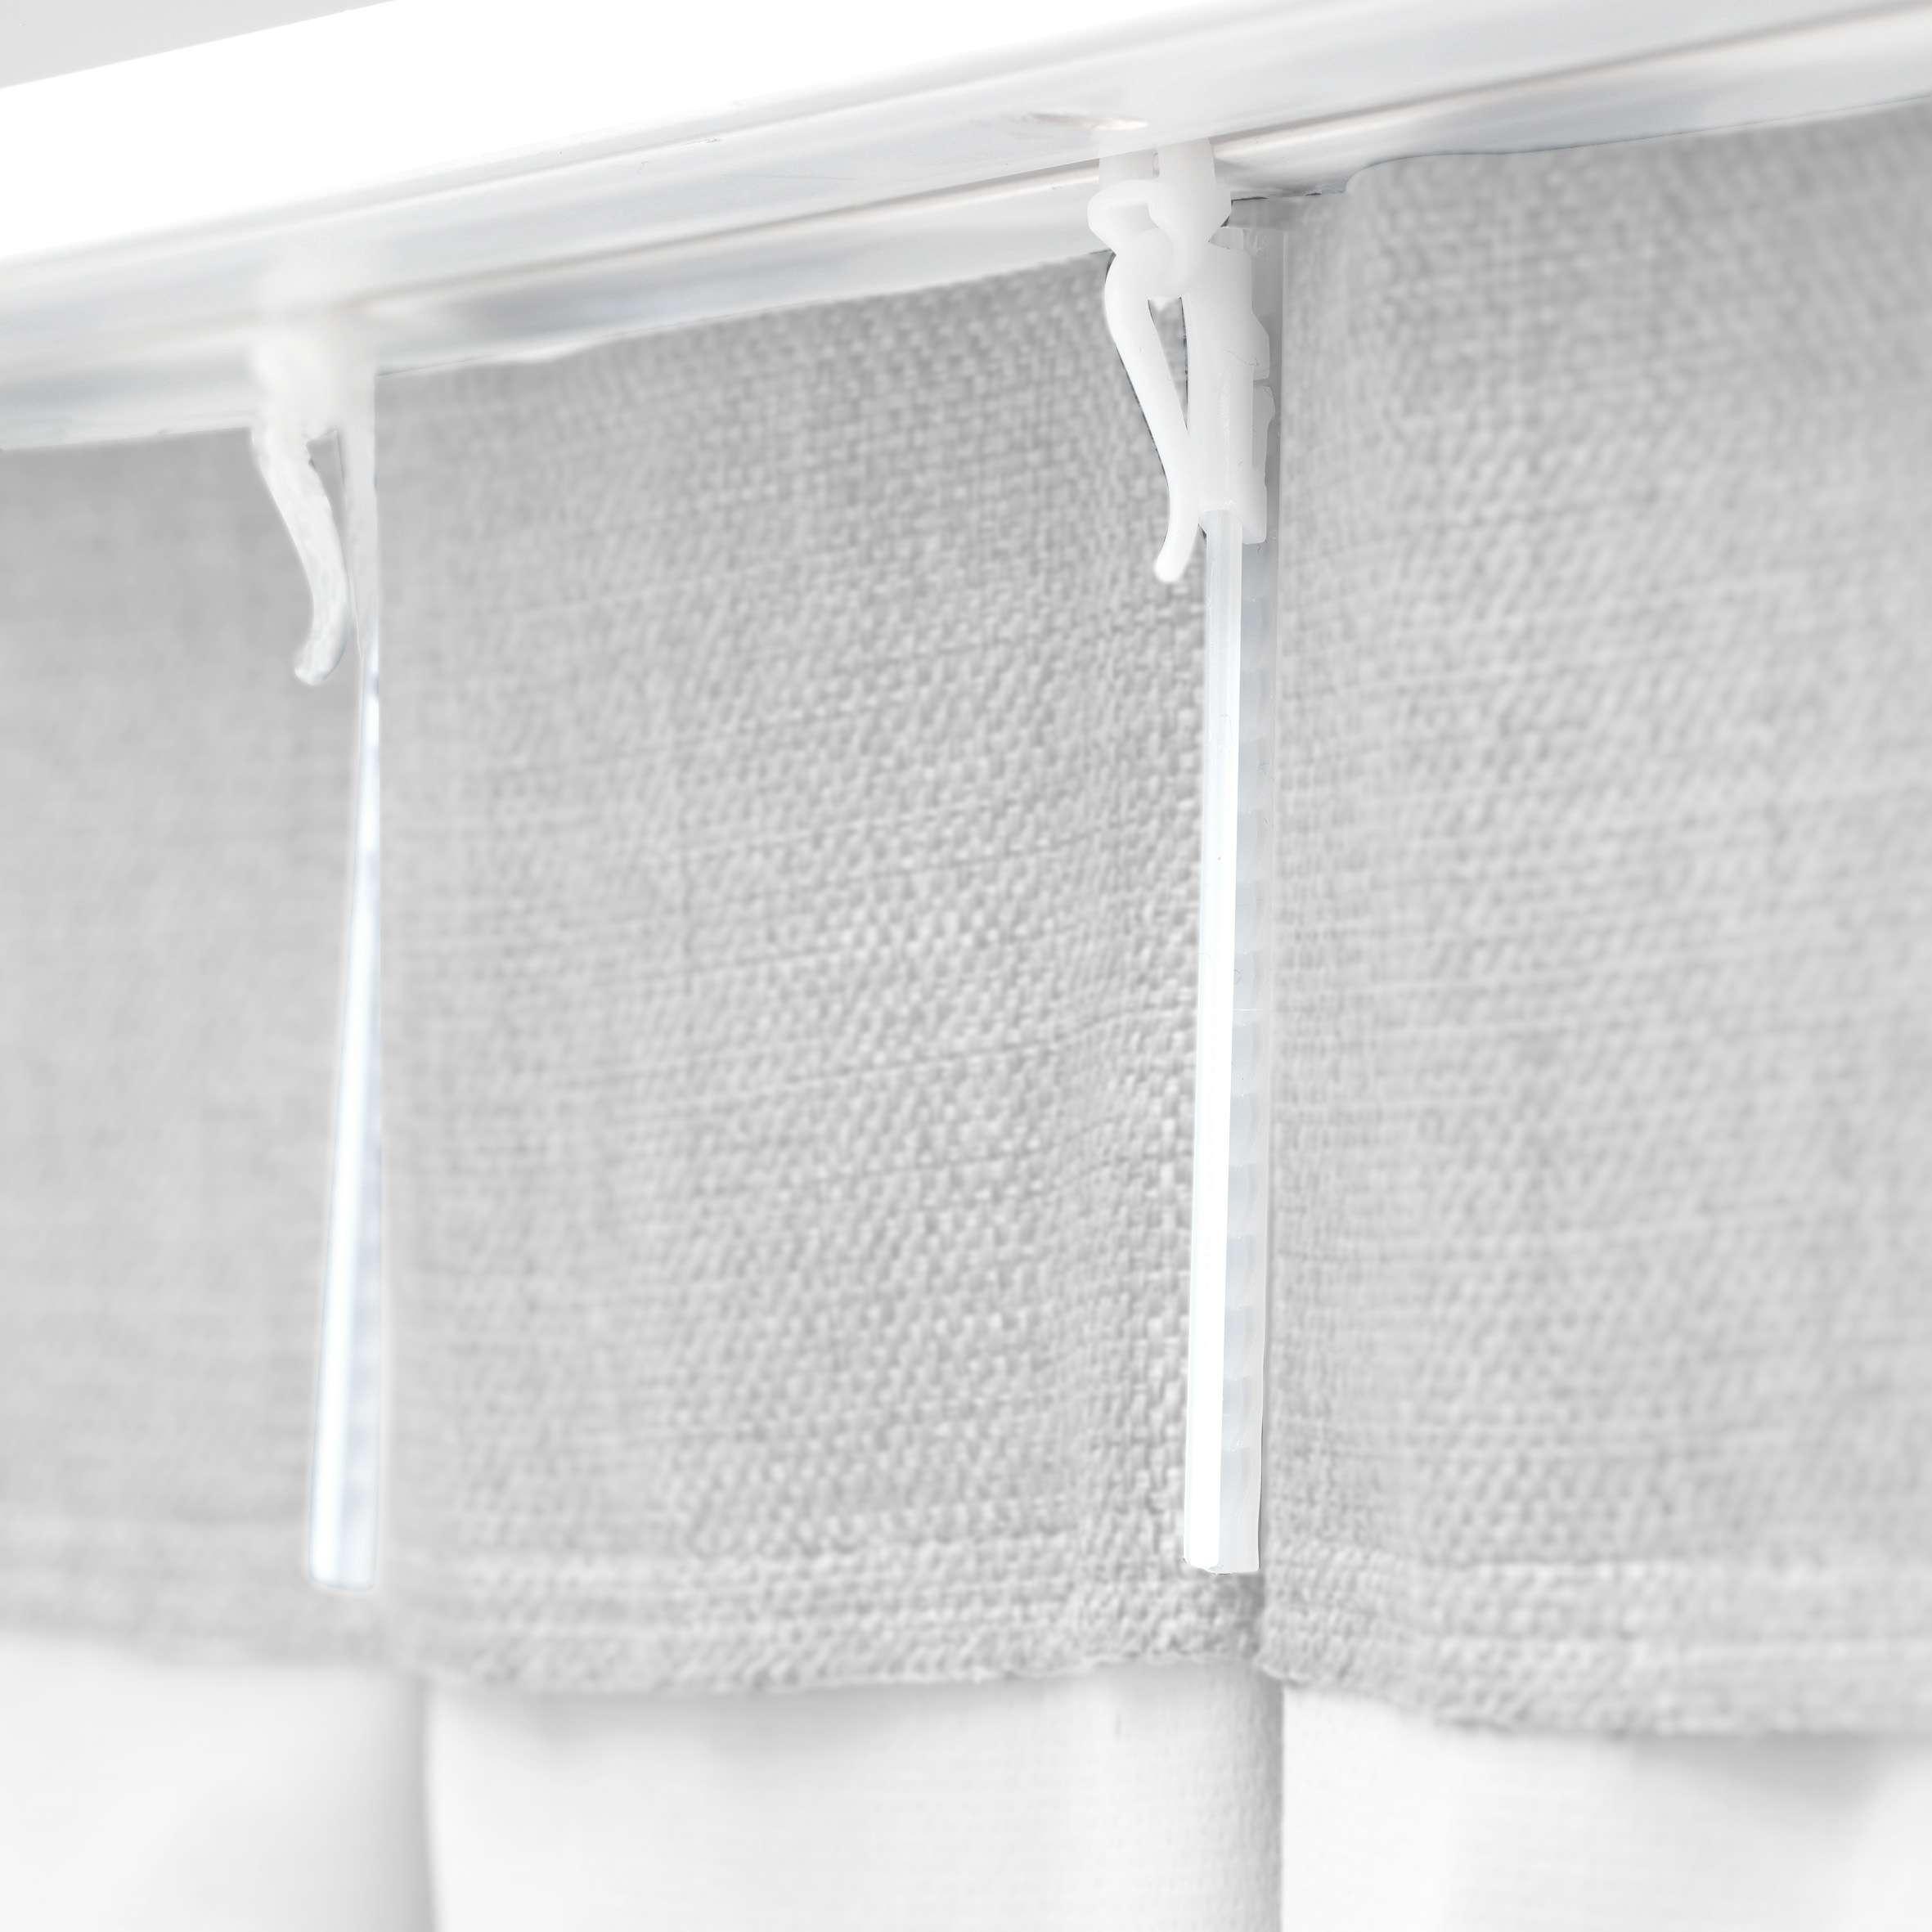 Firana woalowa na haczykach flex w kolekcji Woale, tkanina: 901-00